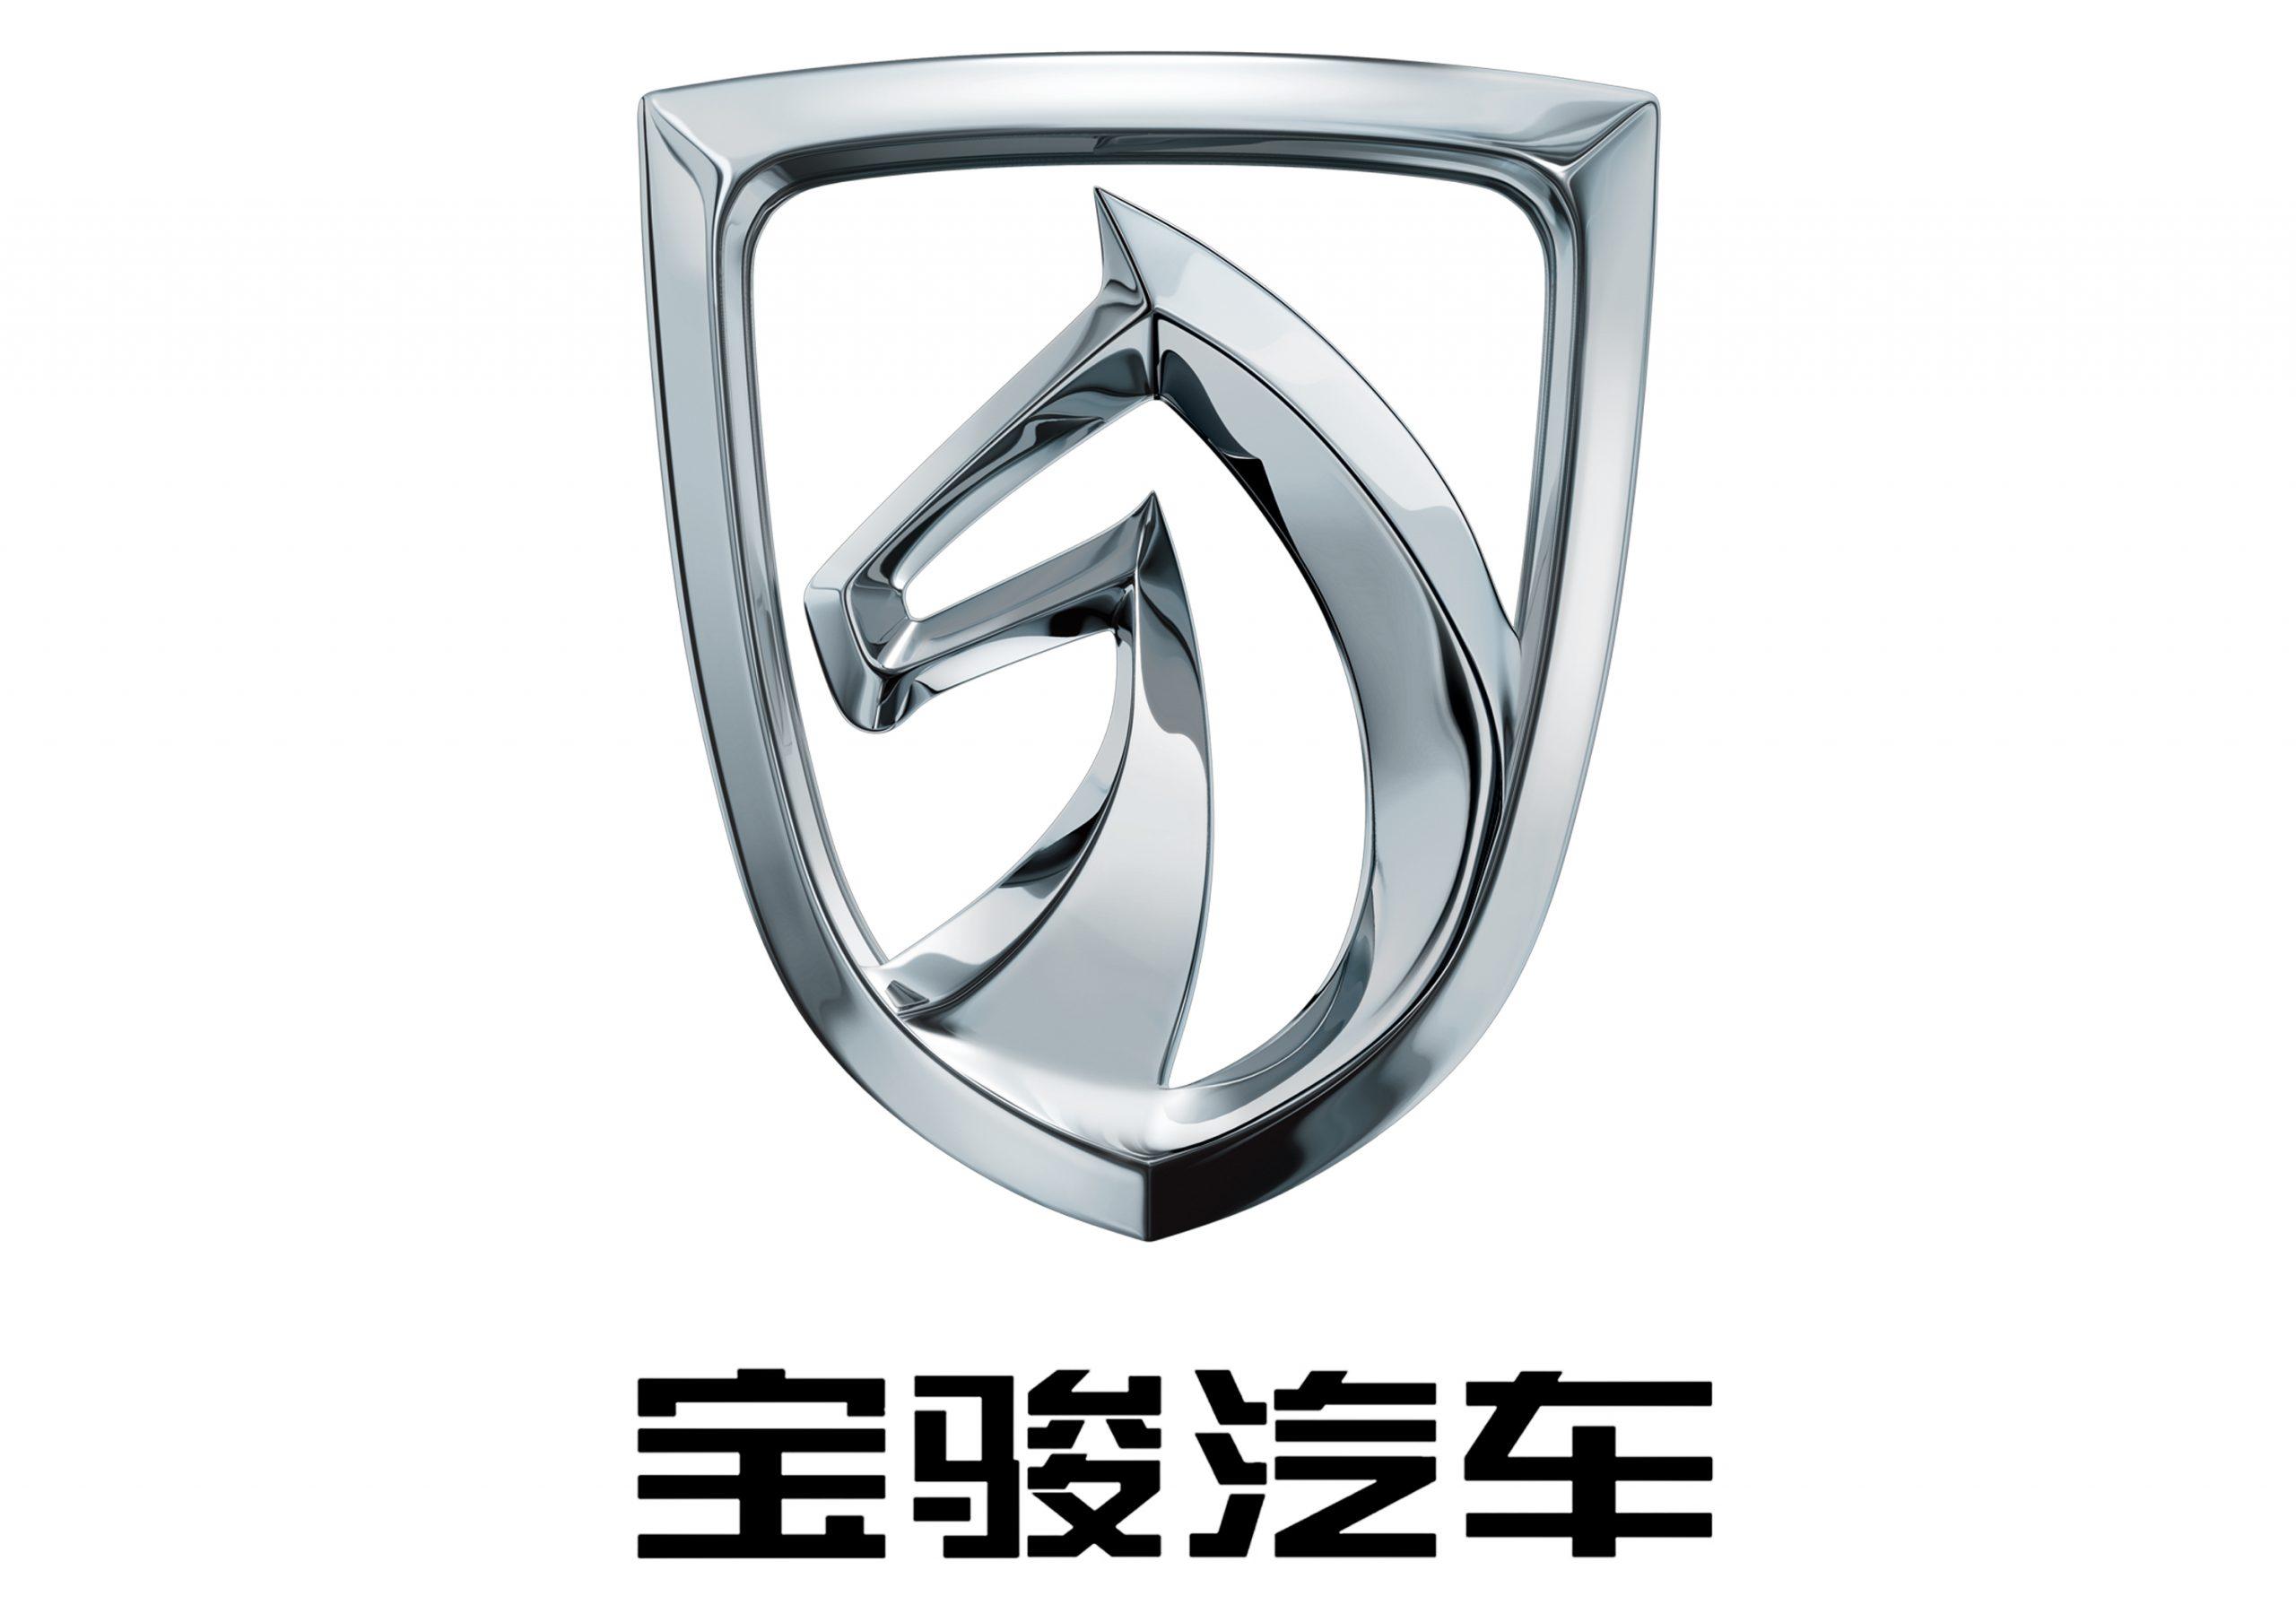 Китайская автомобильная марка в виде лошади